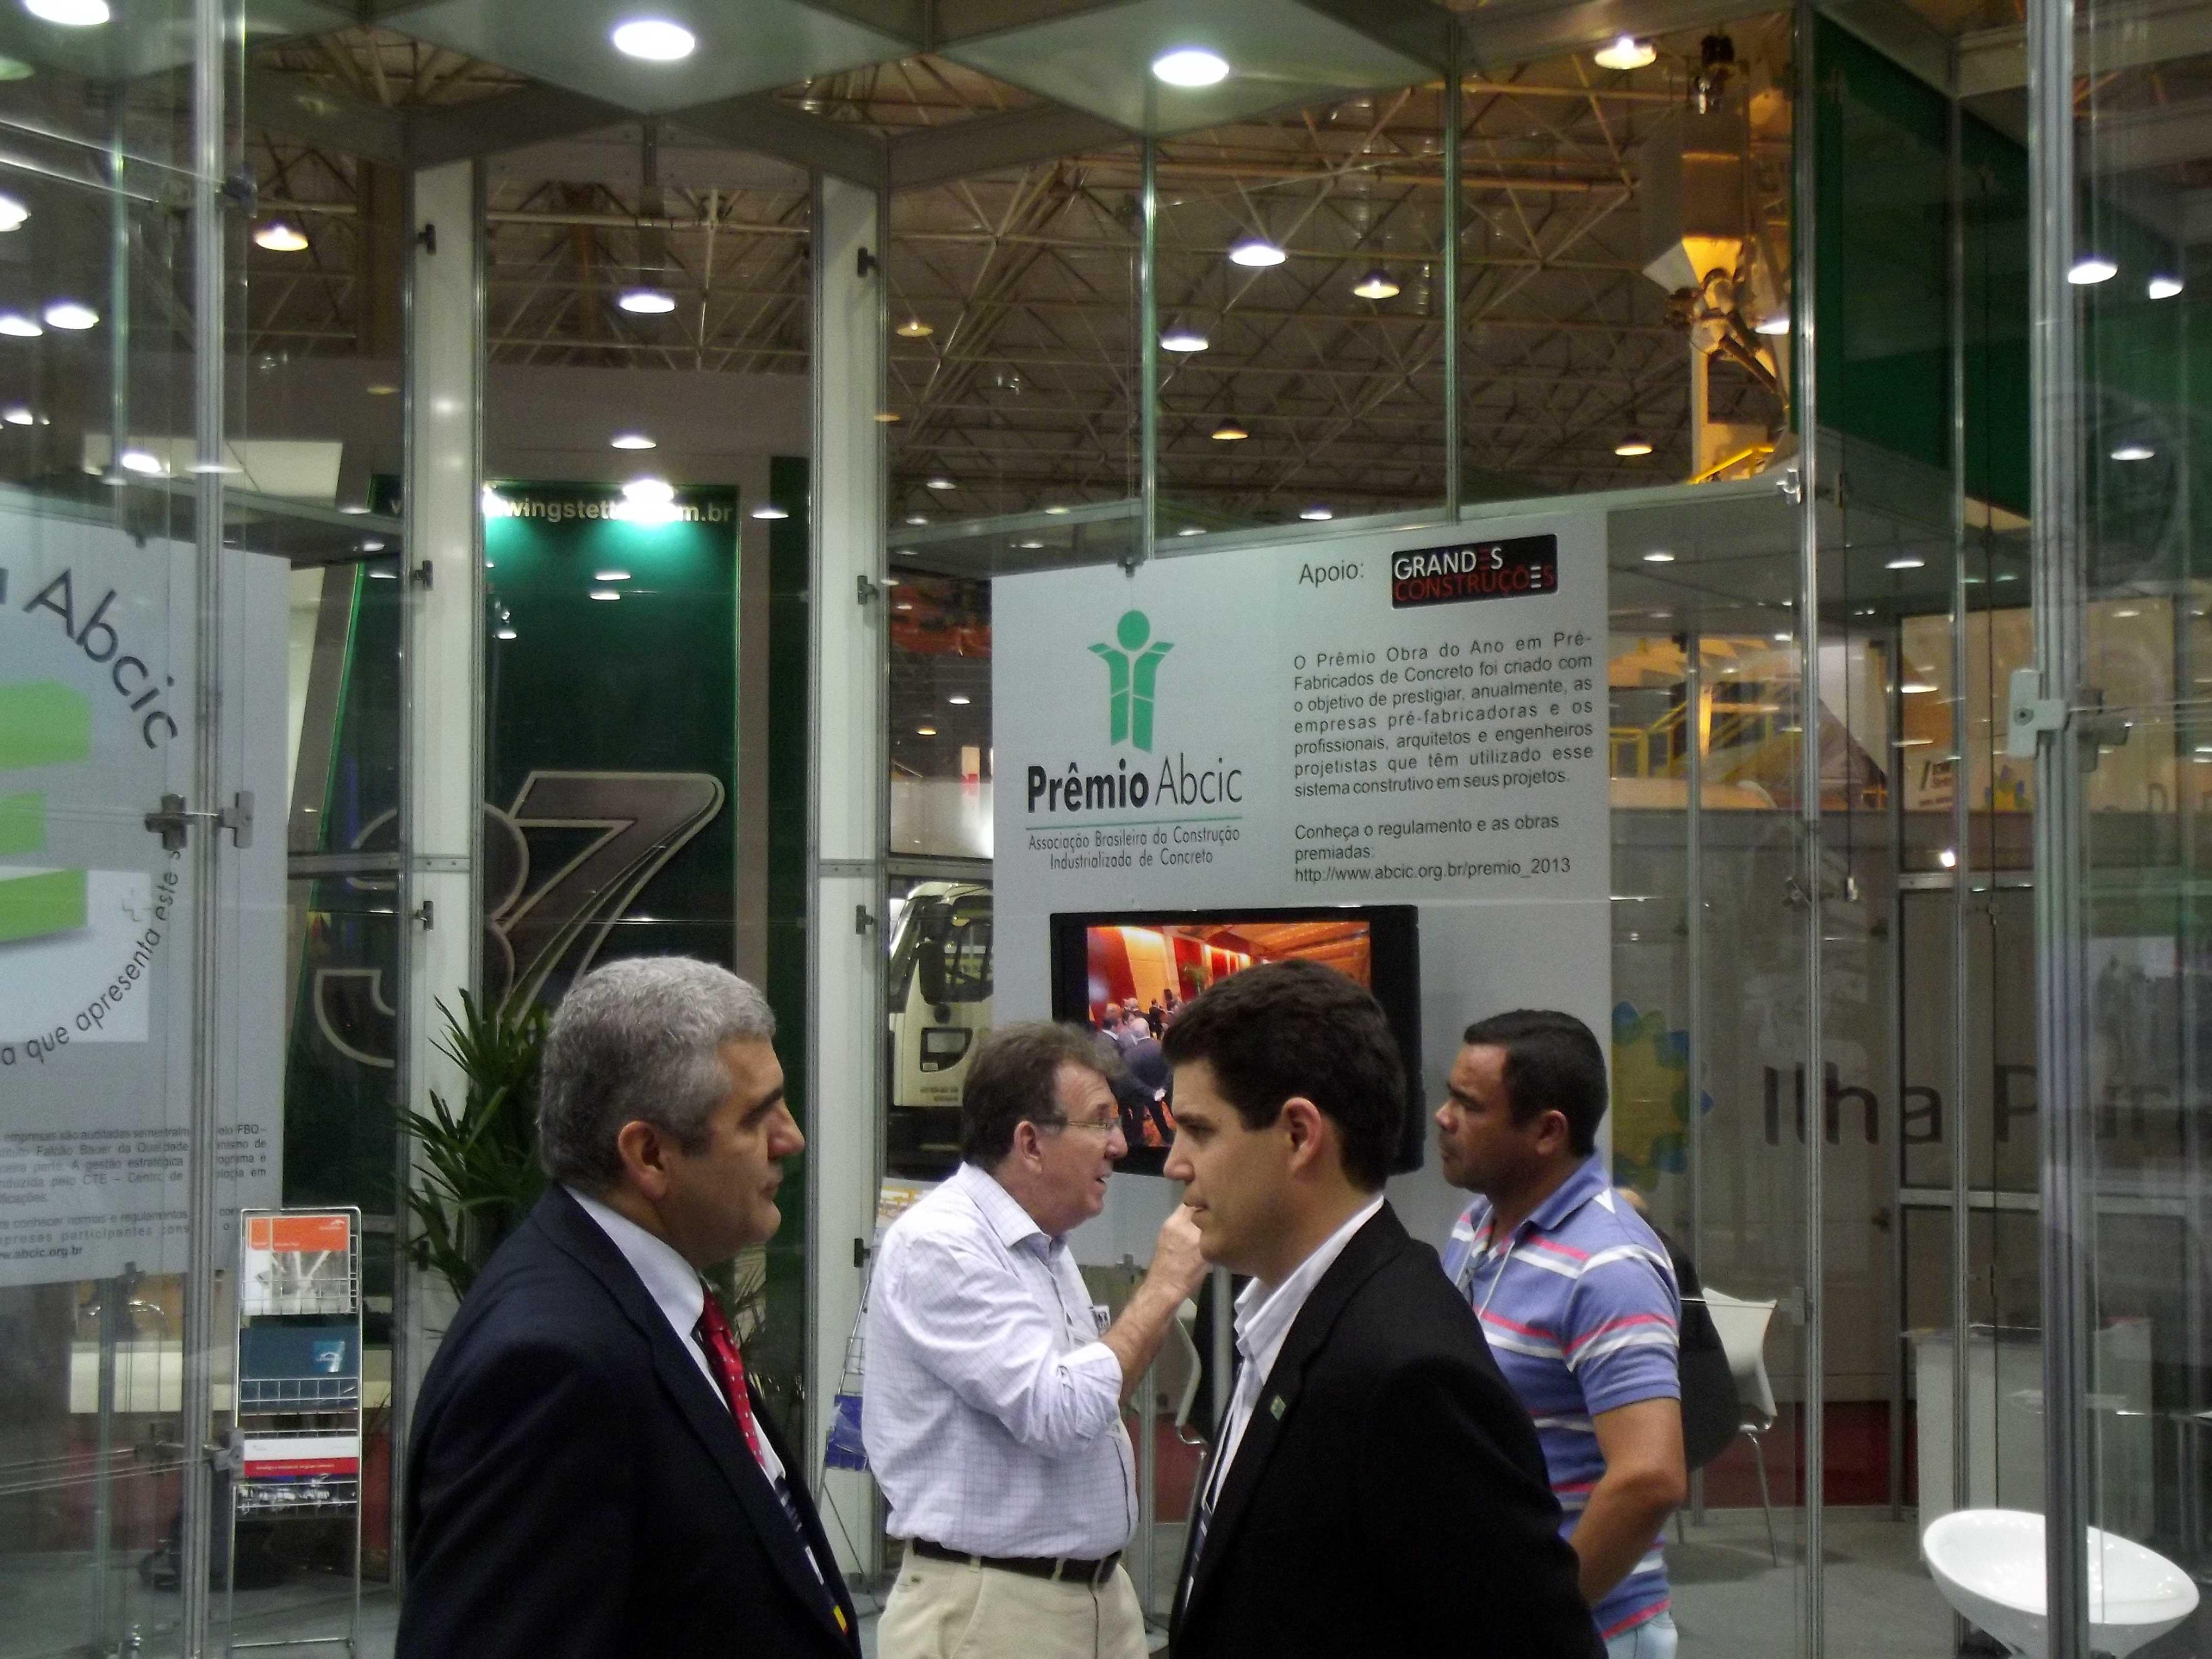 Salão da ABCIC: espaço aproximou fabricantes de clientes, dentro da Construction Expo.